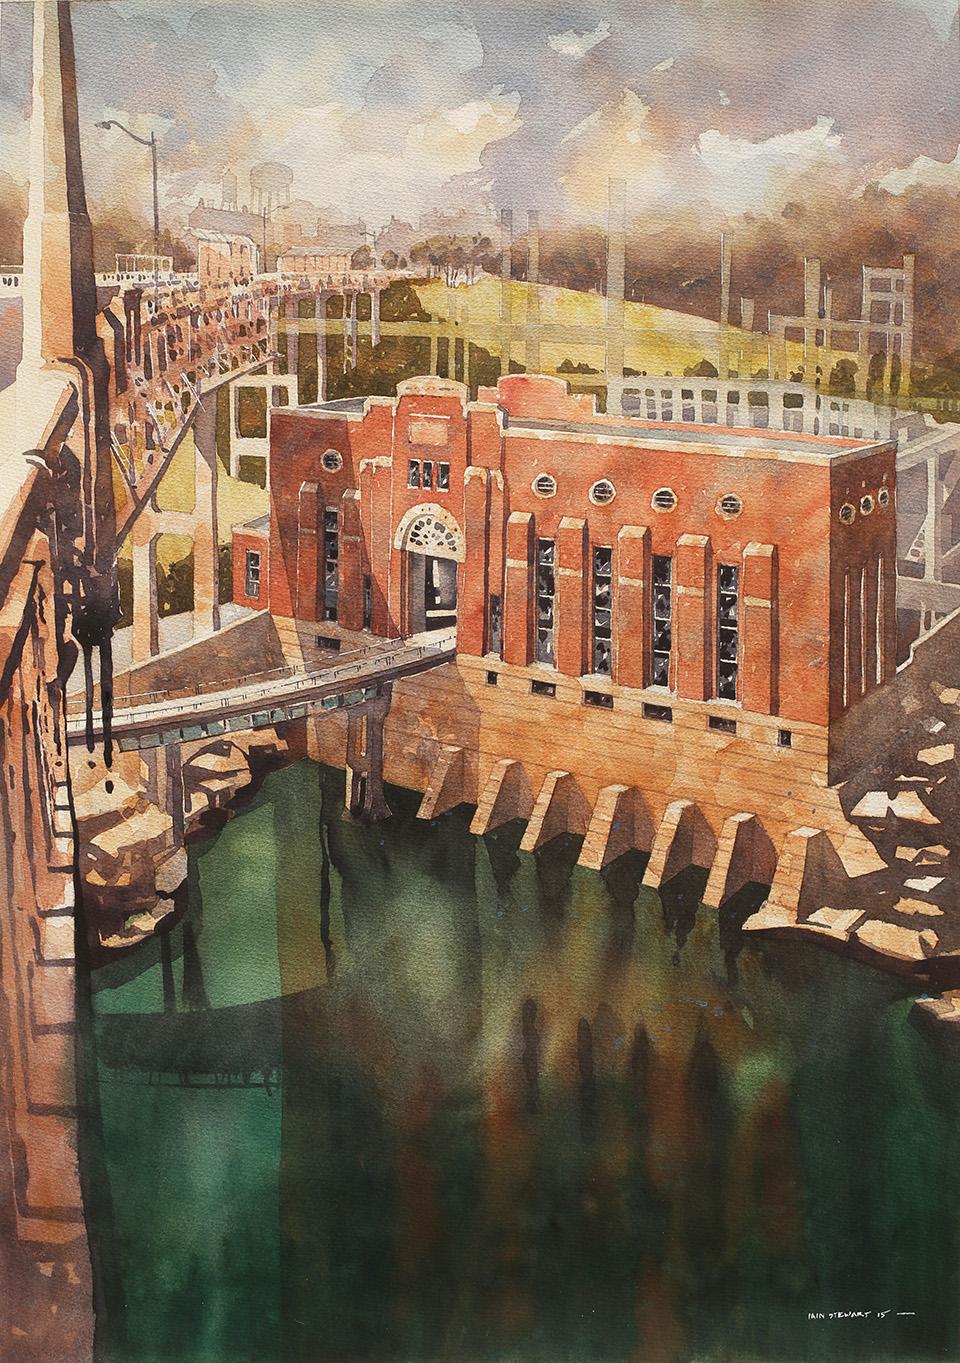 Alabama Artist Iain Stewart